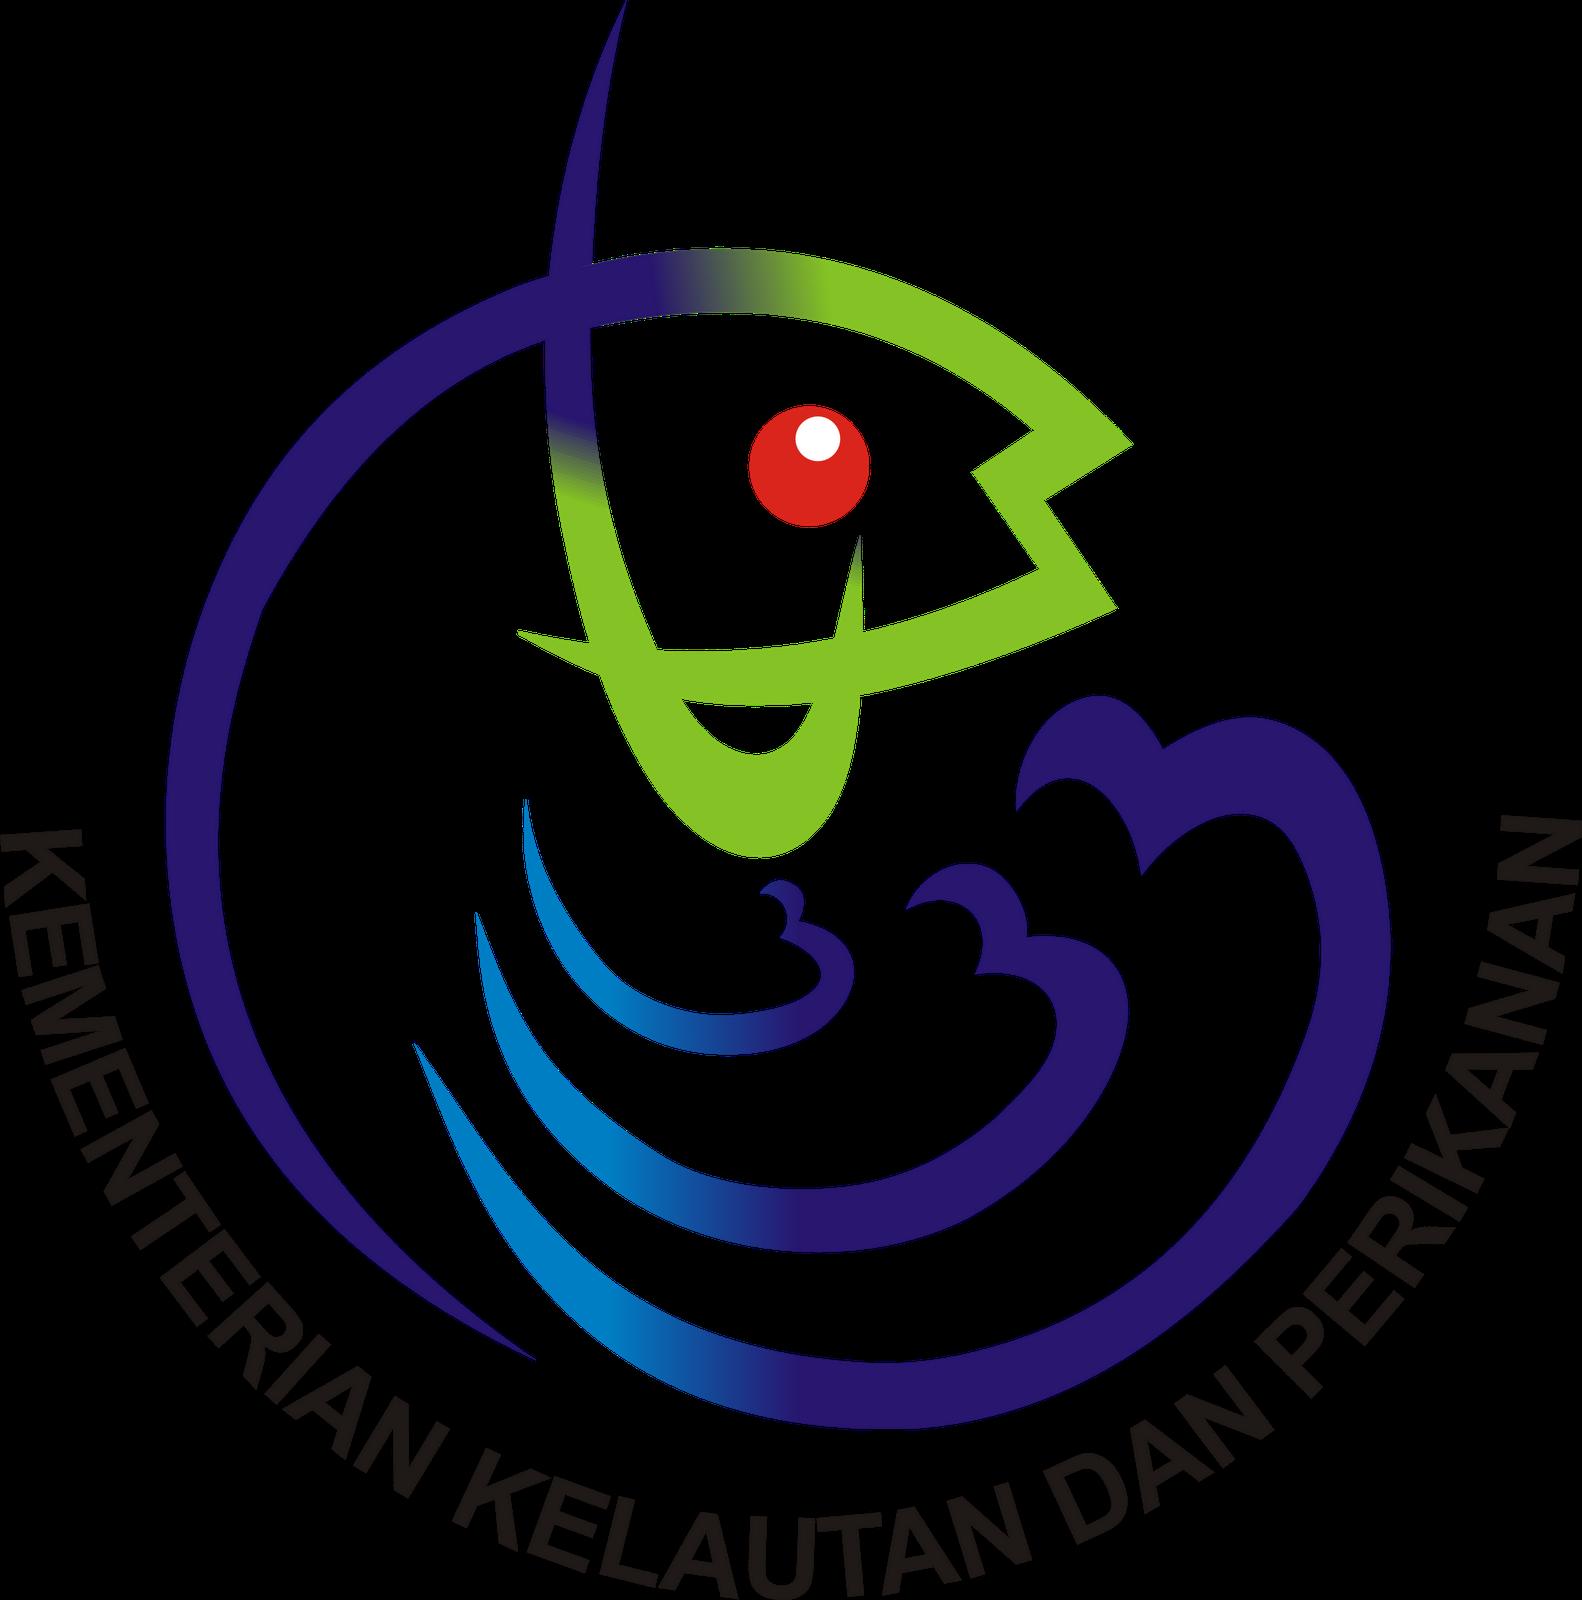 Logo-logo Kementerian Negara - Linkdesain